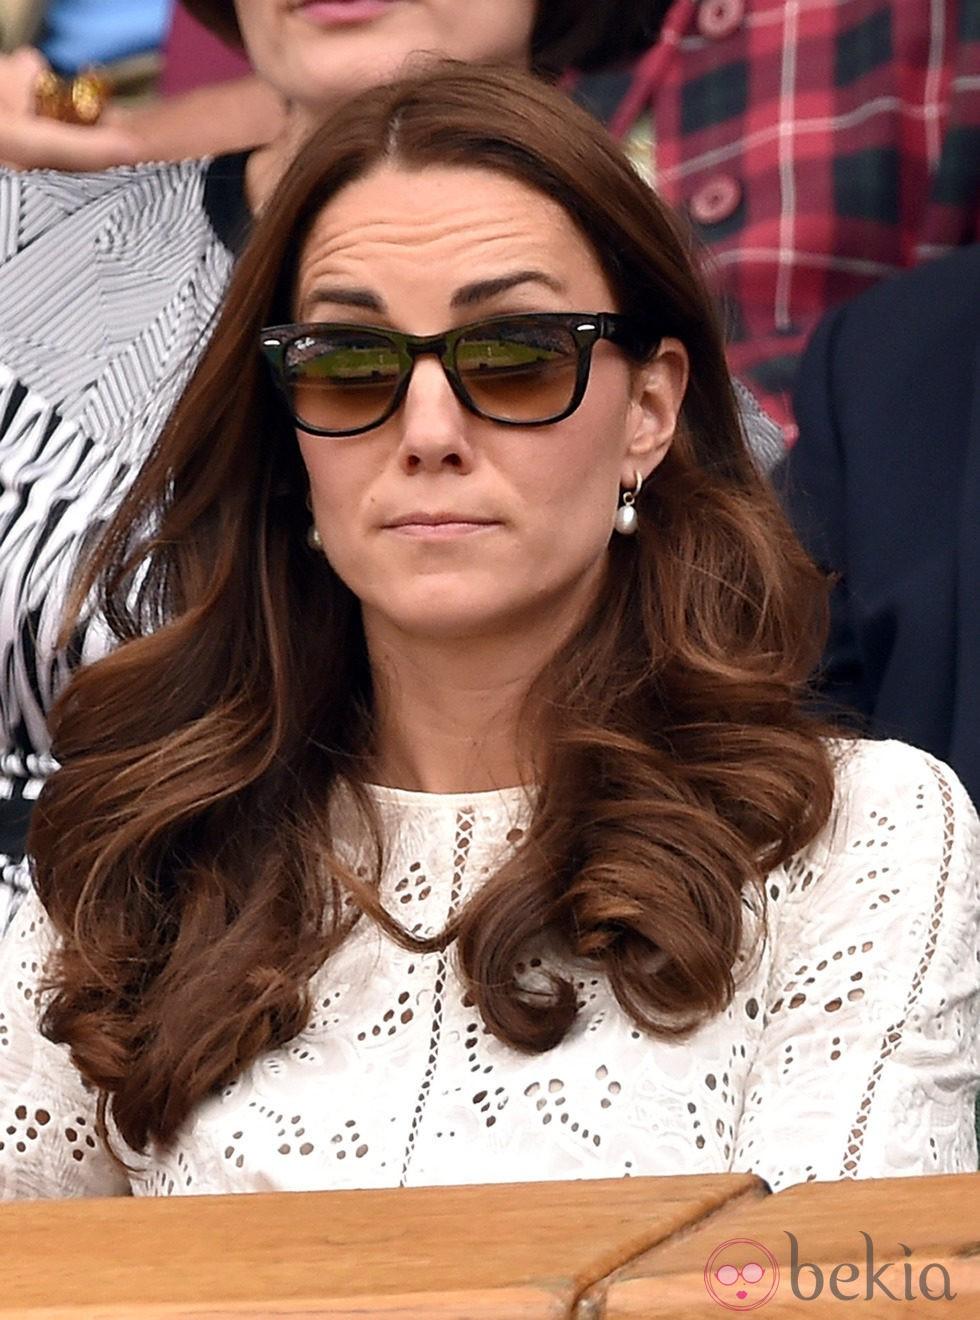 Kate Middleton pone cara de contrariedad en el partido de Andy Murray en Wimbledon 2014